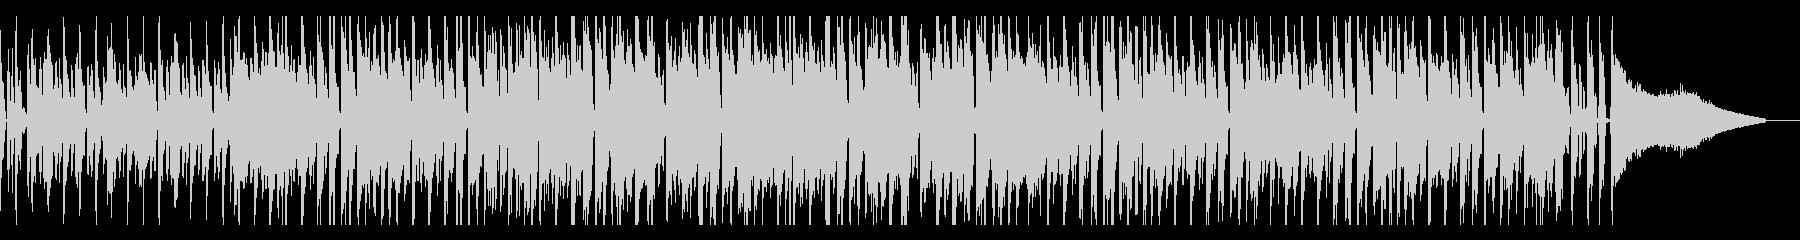 オープニングにぴったりなファンク風BGMの未再生の波形